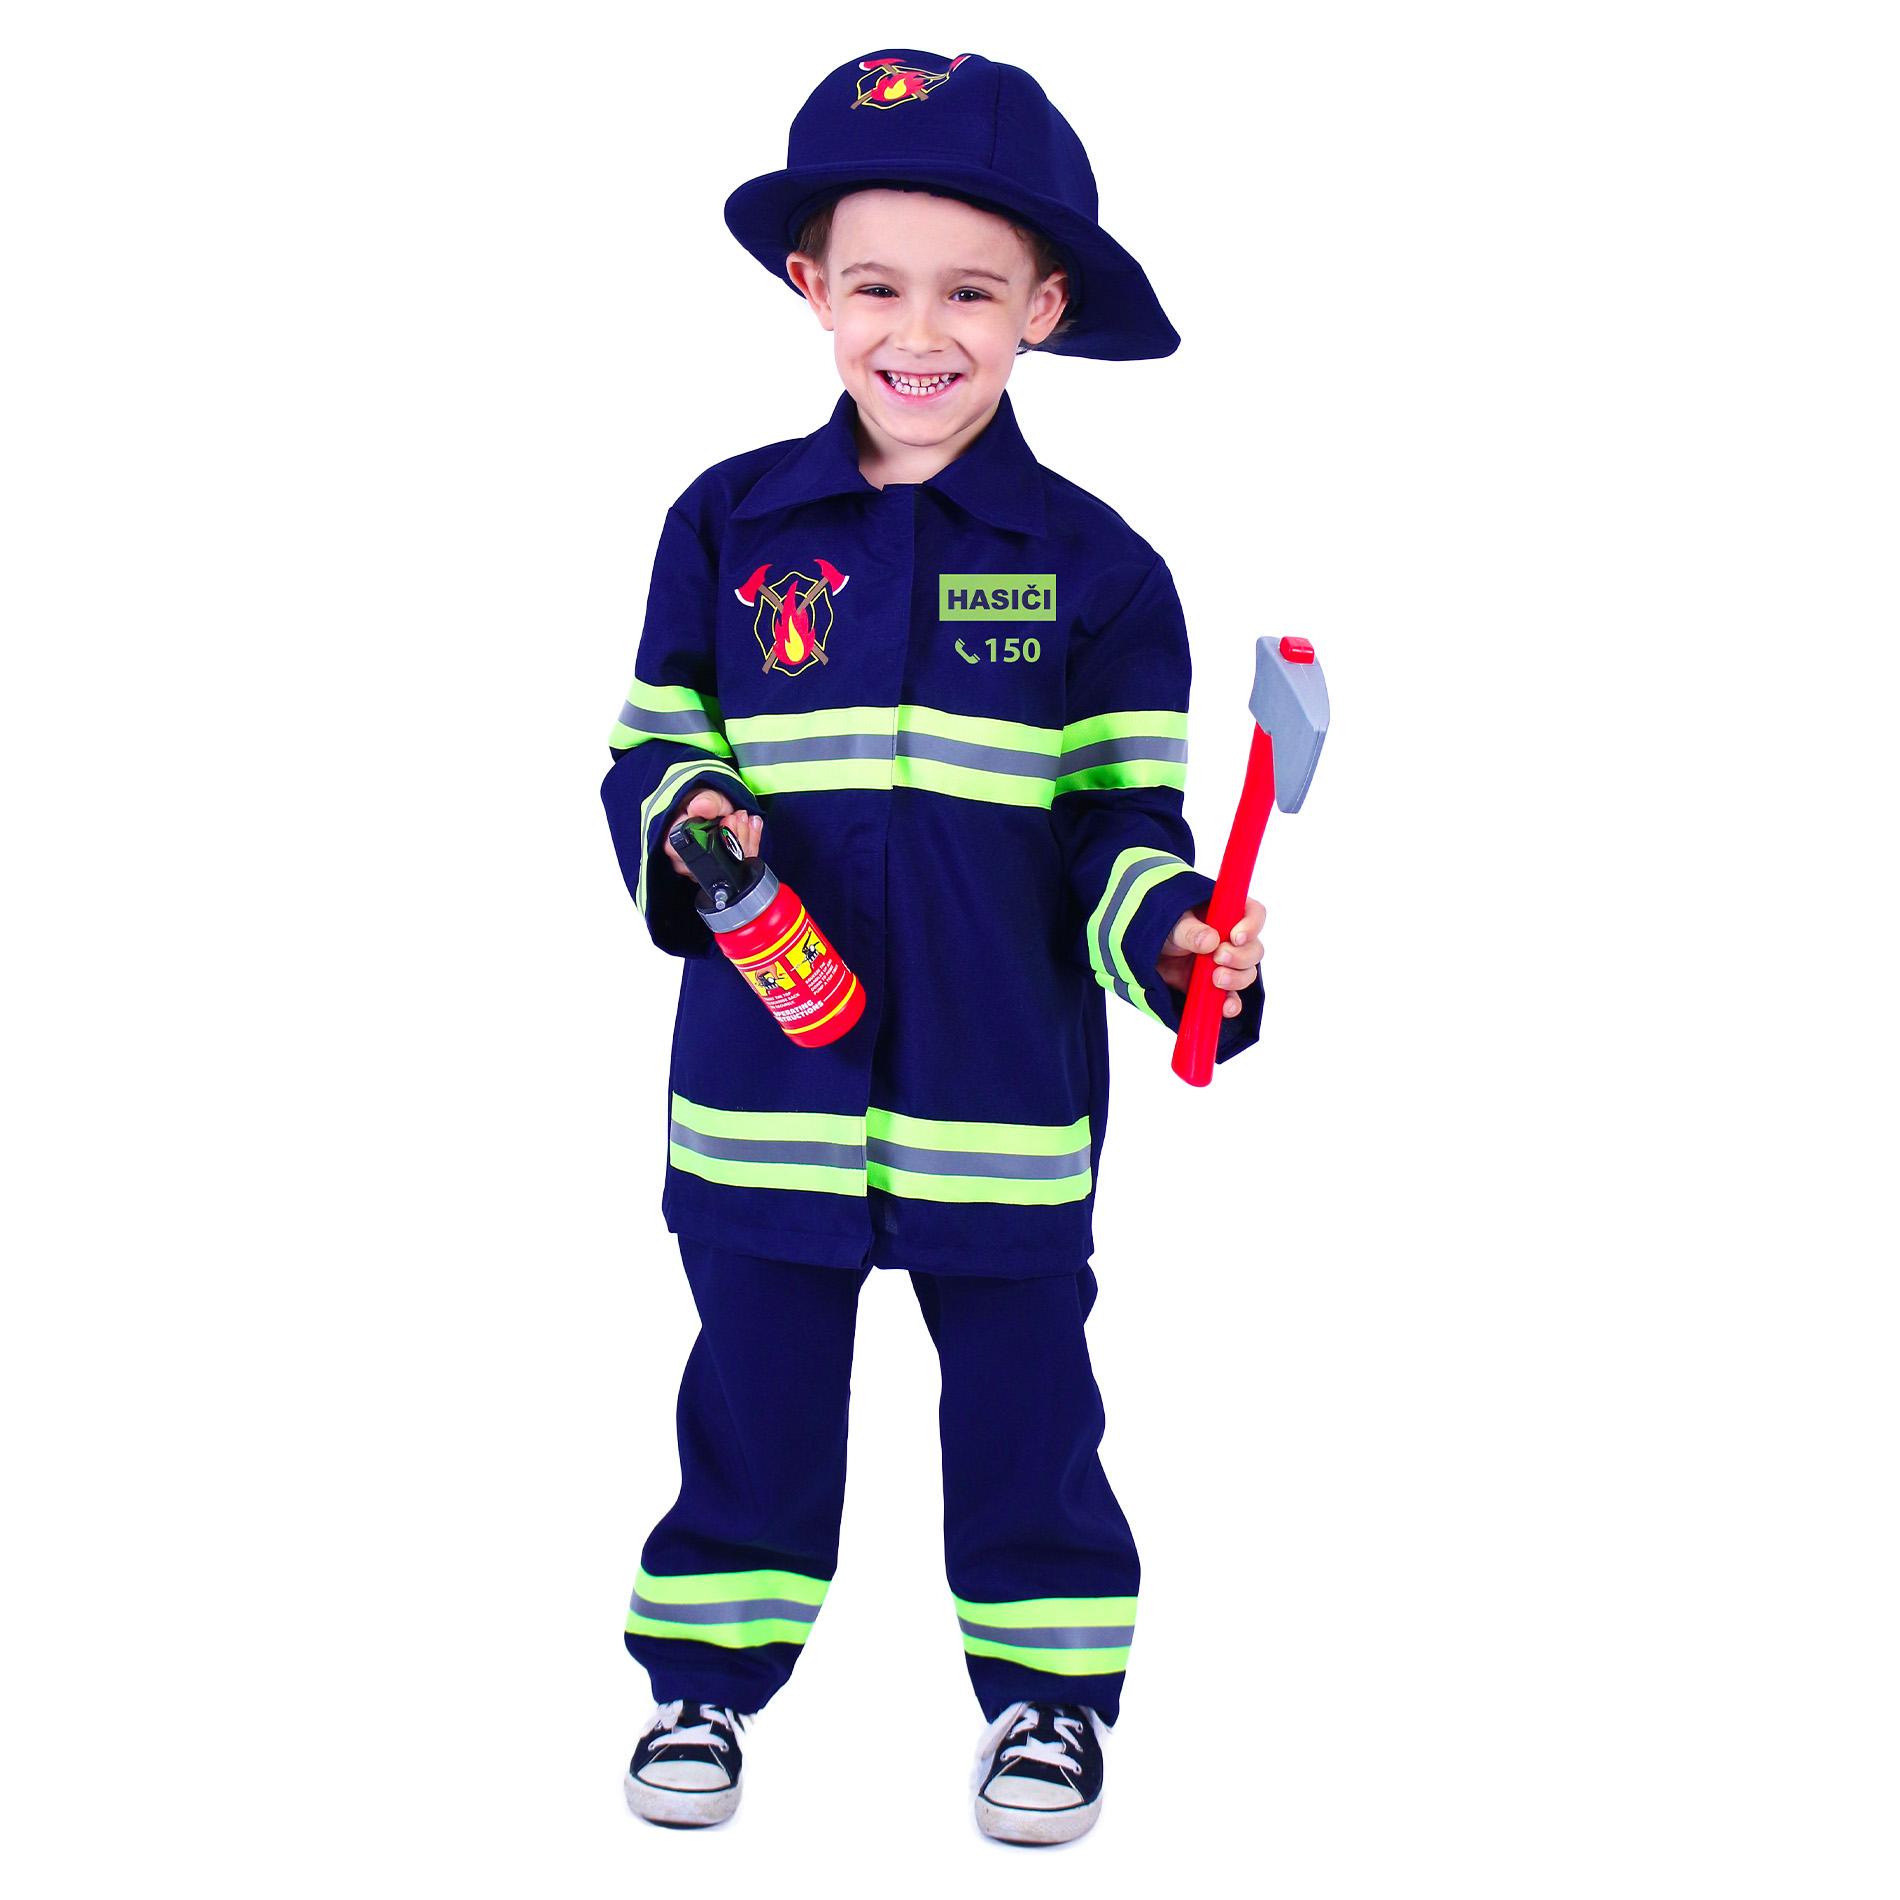 Dětský kostým hasič s českým potiskem (M) e-obal